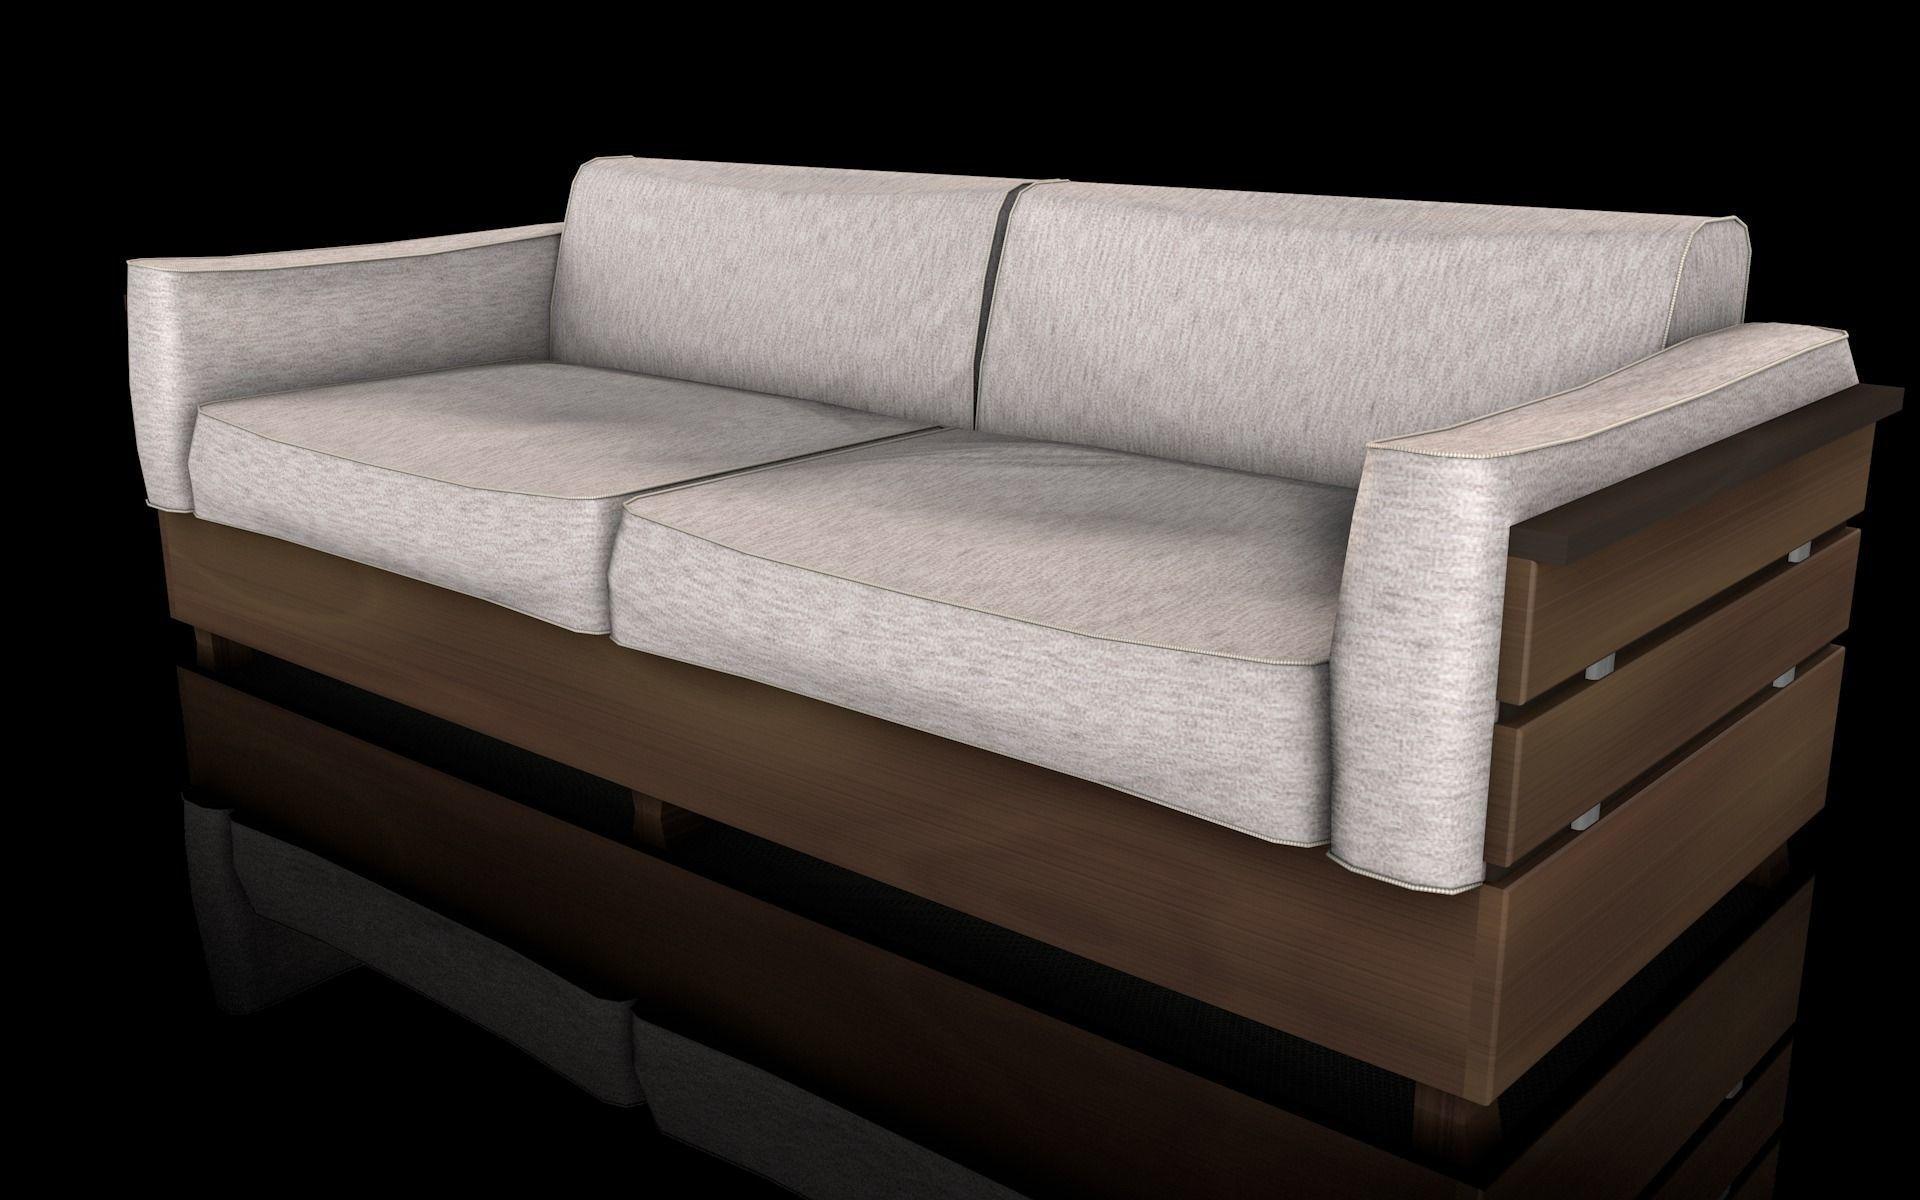 Sofa Estofado